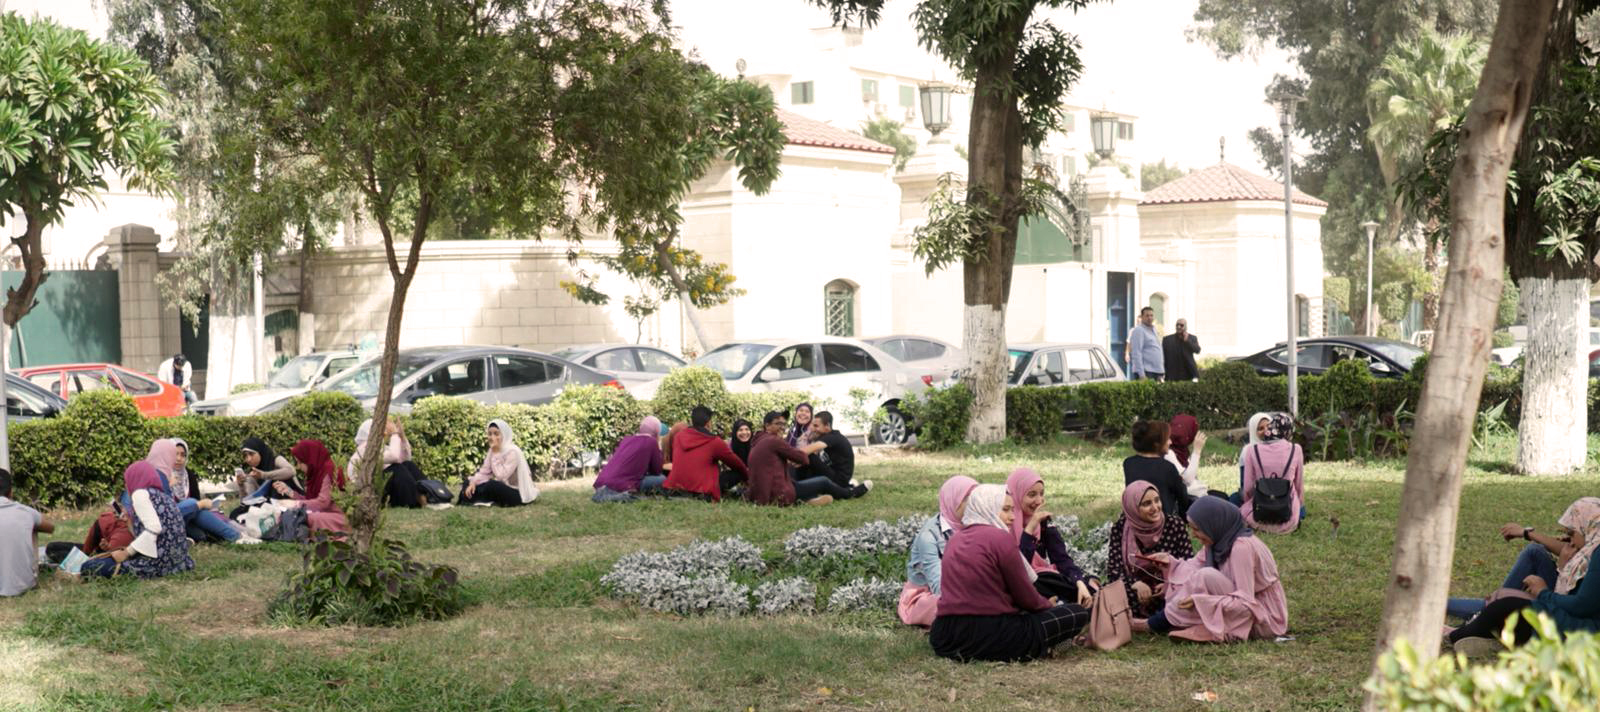 Hunnutettuja naisia istumassa nurmikolla puistossa